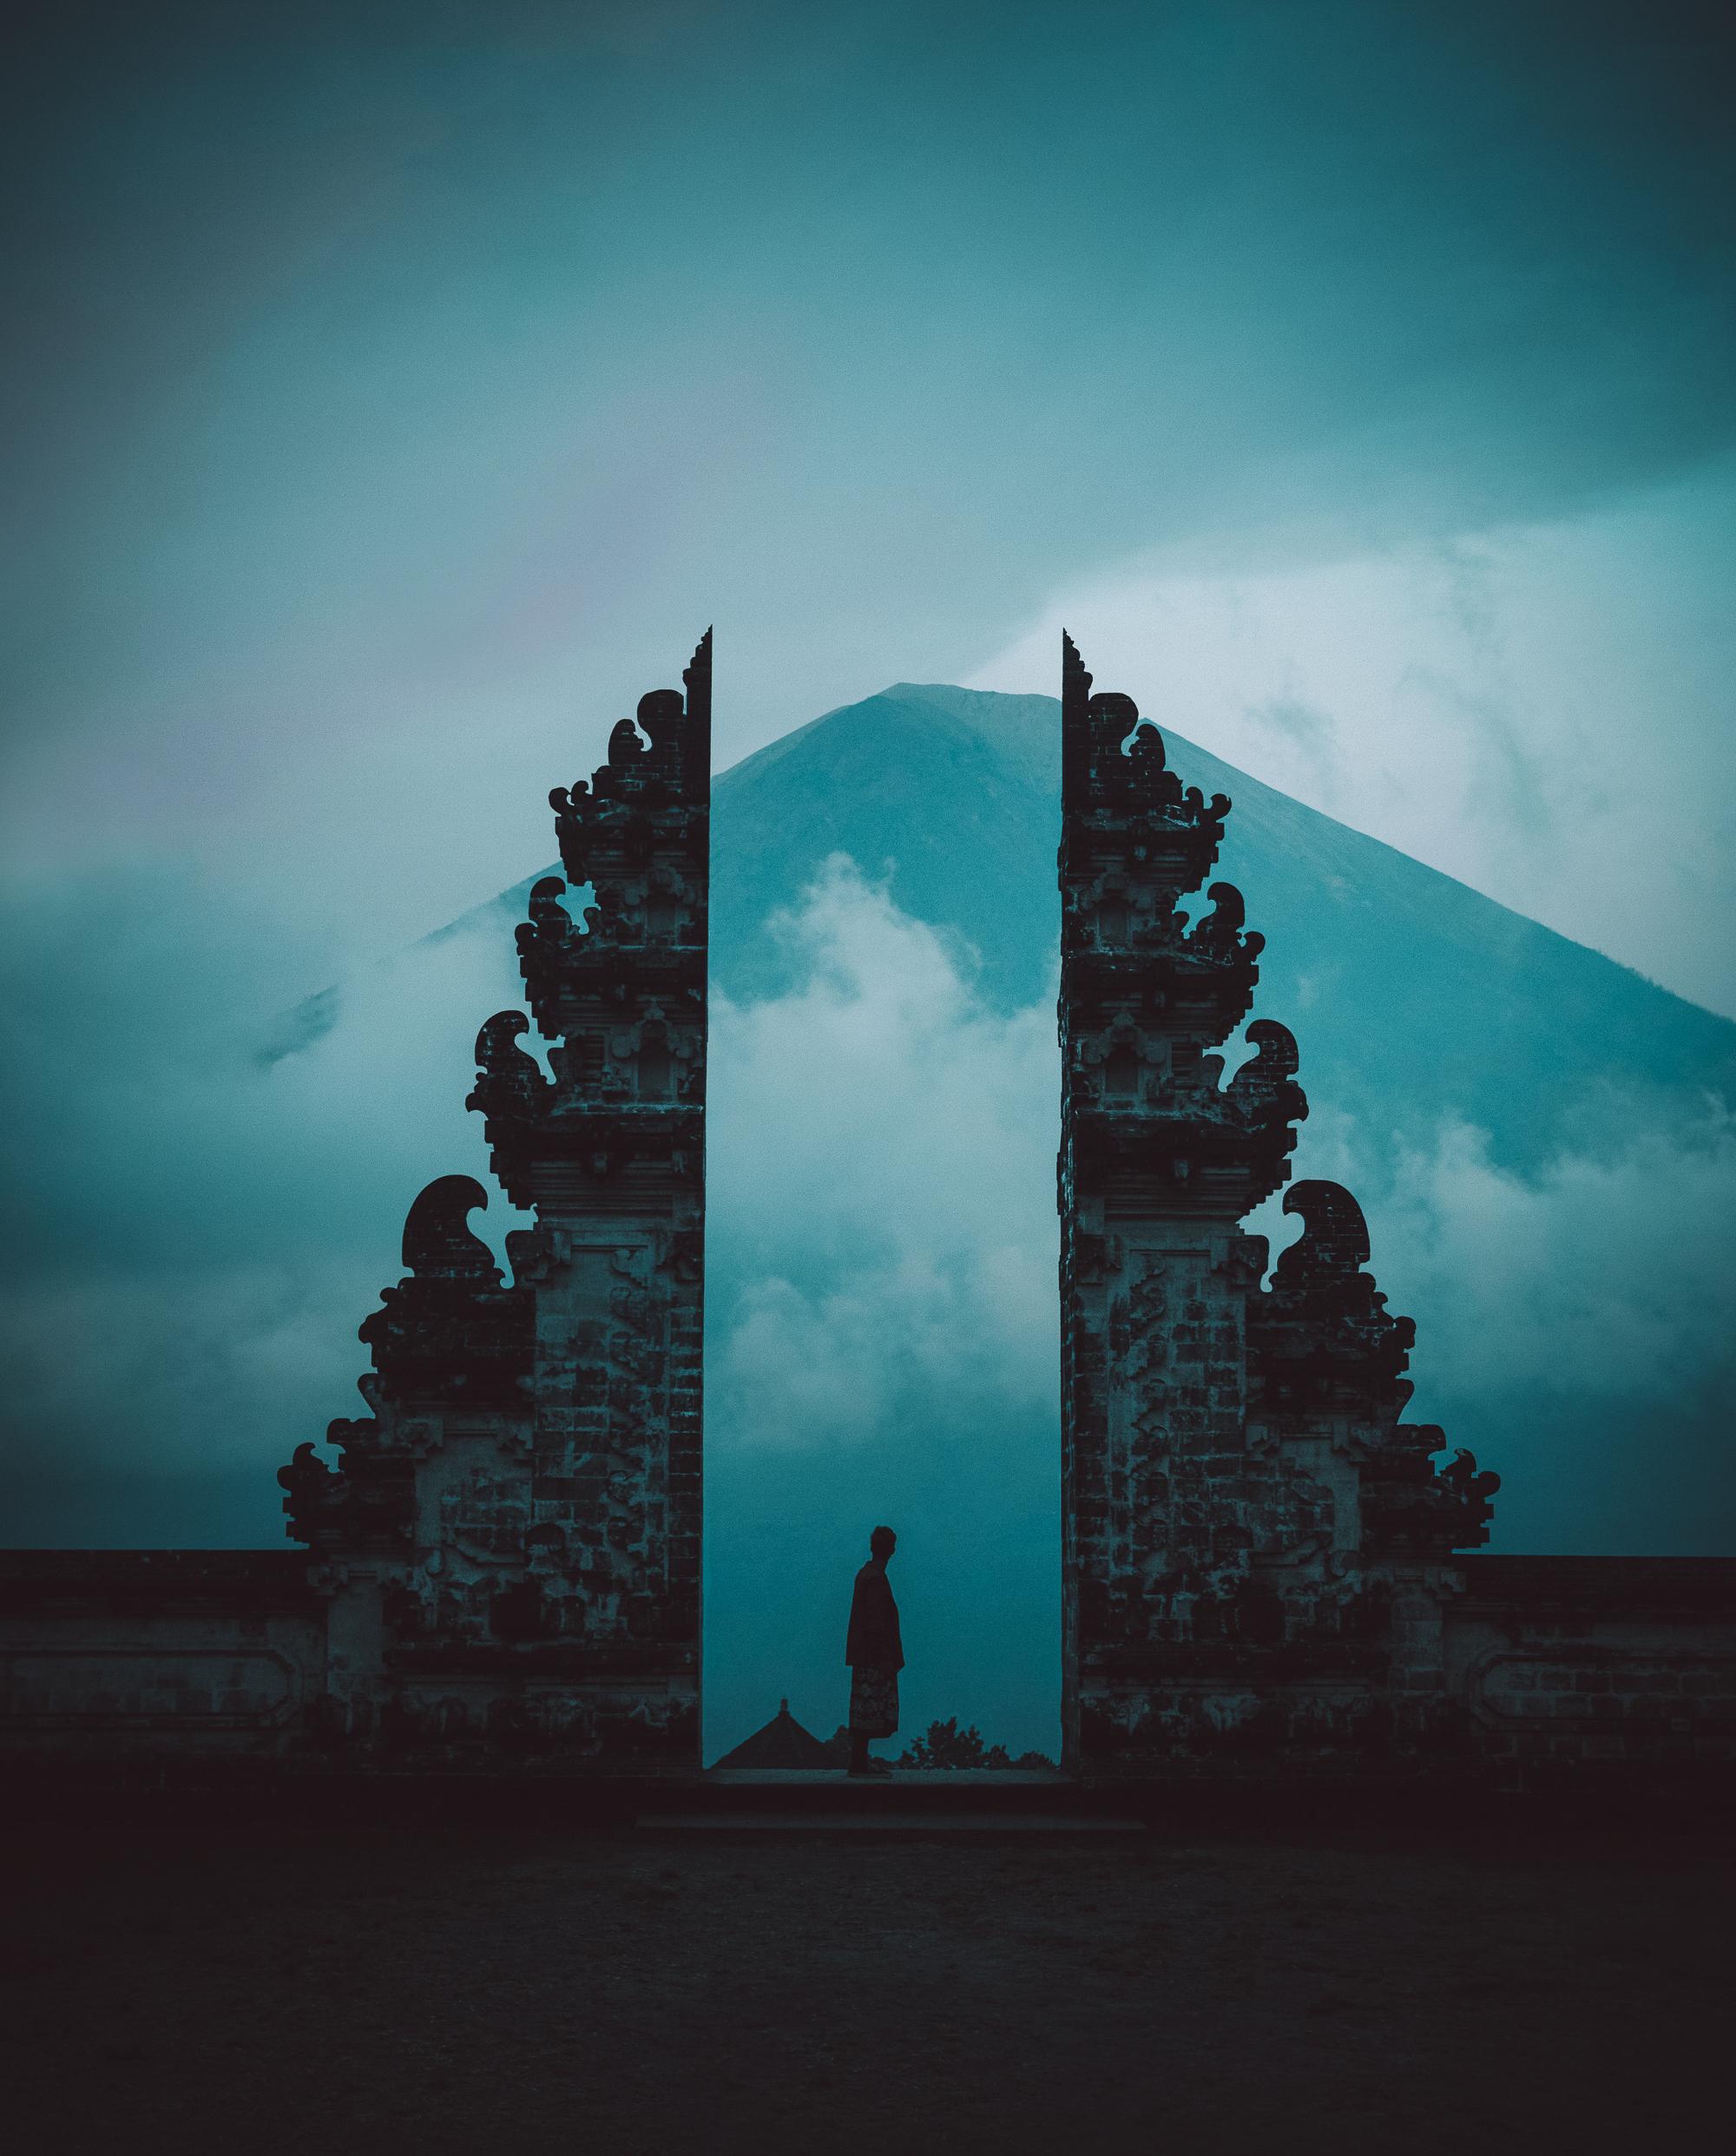 architecture-bali-clouds-1646870.jpg